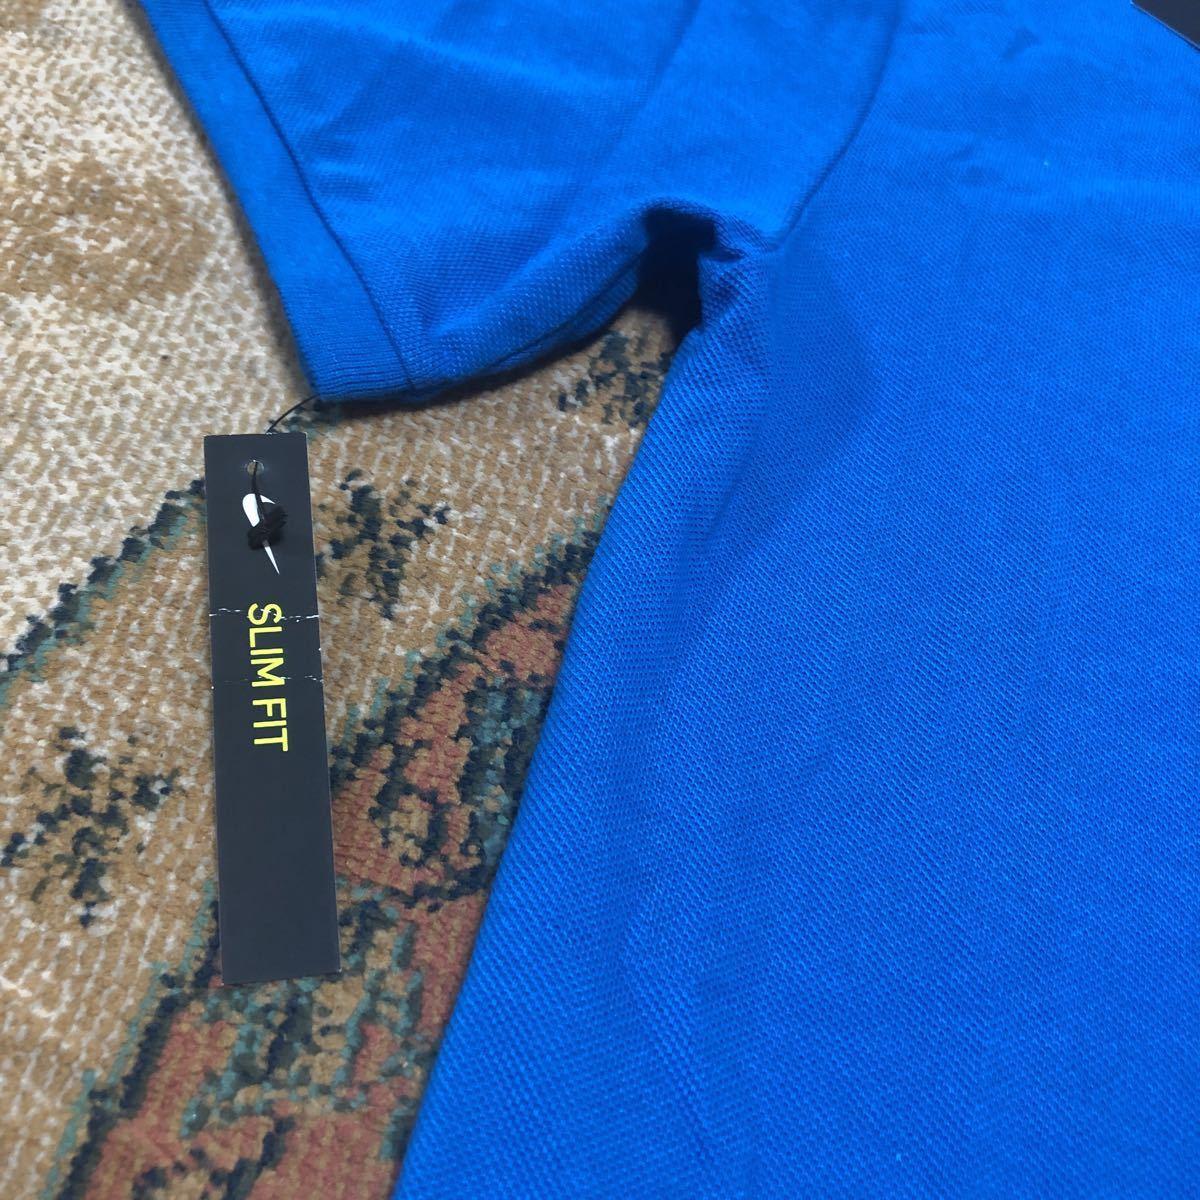 新品 NIKE tennis ナイキ テニス コートロゴ ポロシャツ メンズUSサイズXS 日本サイズS スリムフィット_画像7